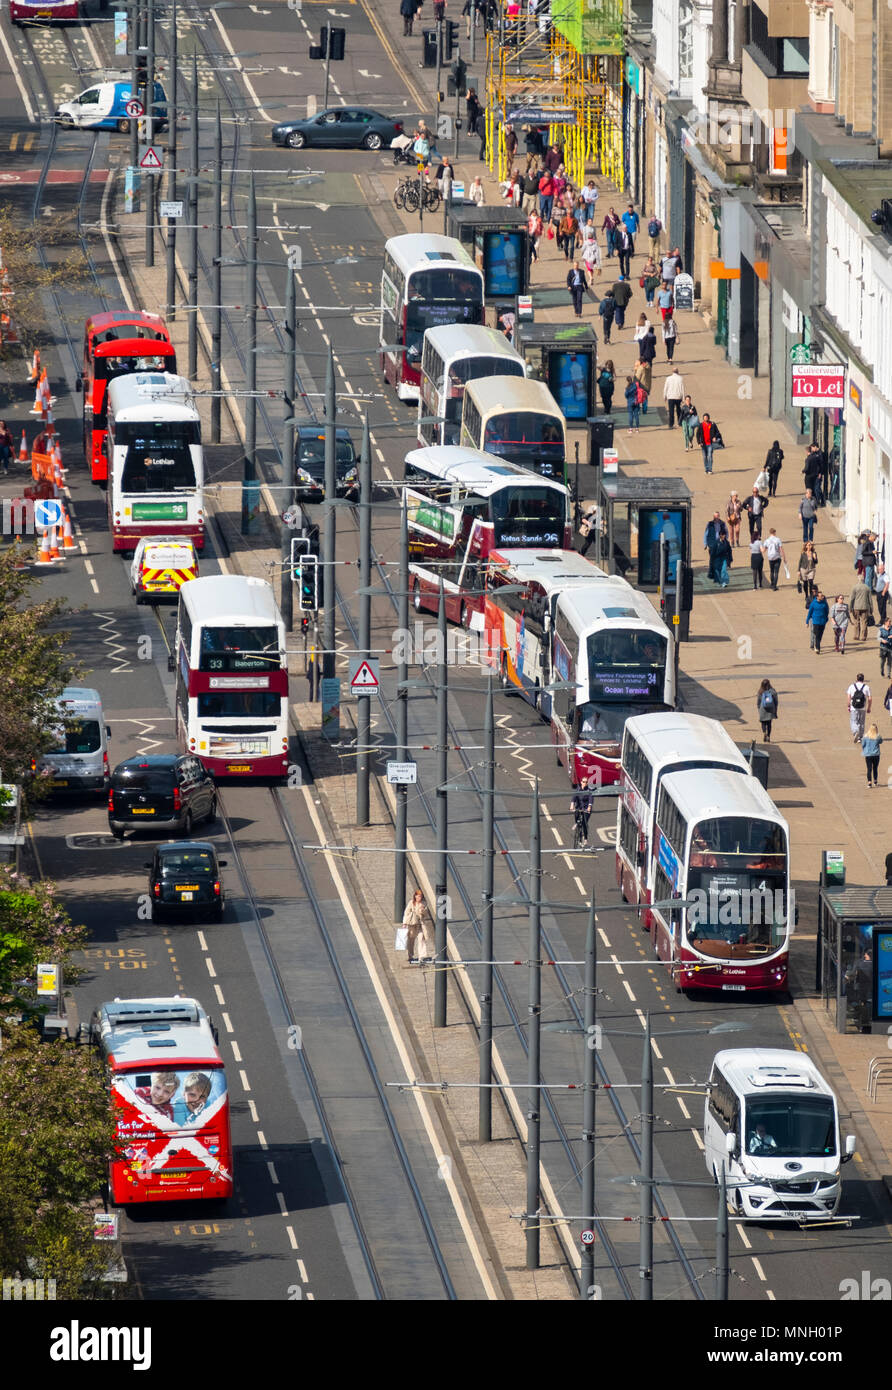 La circulation des bus de transport public occupé sur Princes Street, dans le centre de Edimbourg, Ecosse, Royaume-Uni Photo Stock